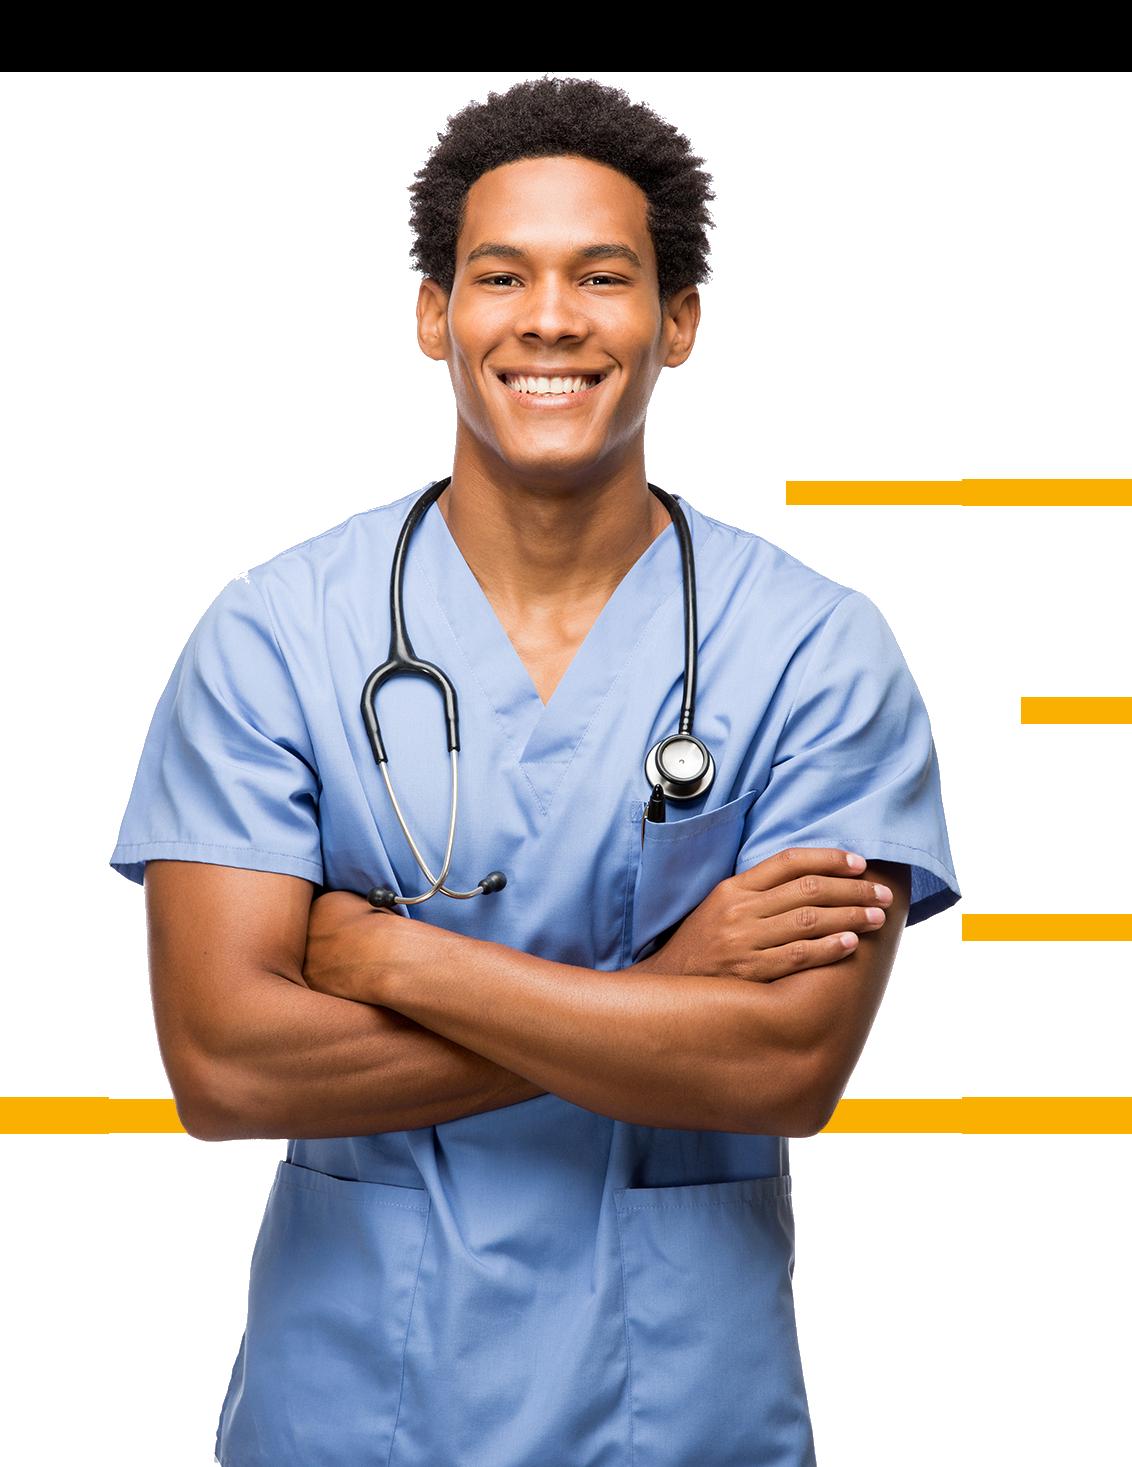 Arzt Gesundheitszentrum Dr. Dr. Tadzic